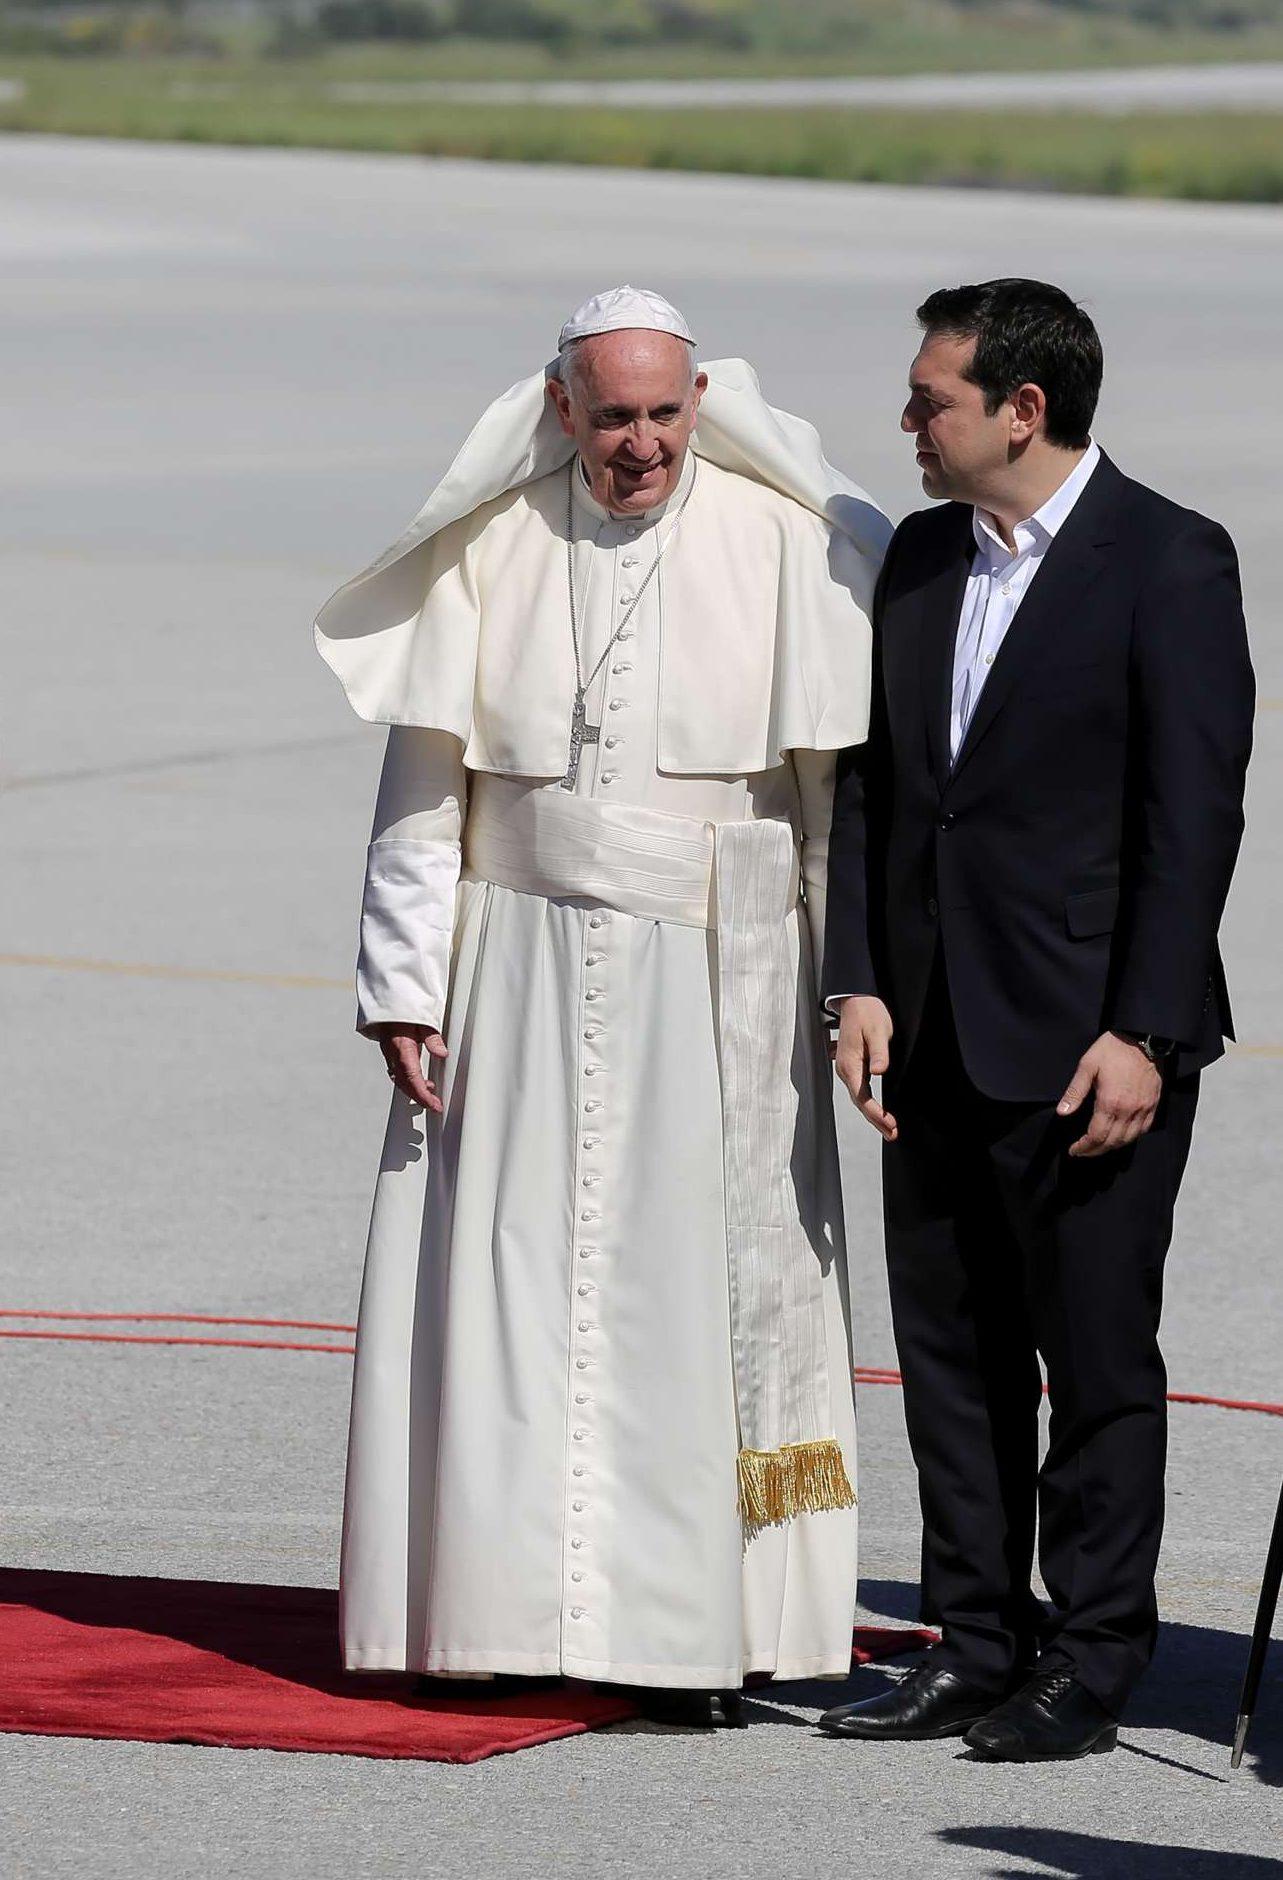 Απρίλιος 2016. Υποδέχεται στη Λέσβο τον Πάπα Φραγκίσκο. Είναι τότε που είχε πει ότι τον φέραμε γιατί το Προσφυγικό είναι ένα «καθολικό» πρόβλημα